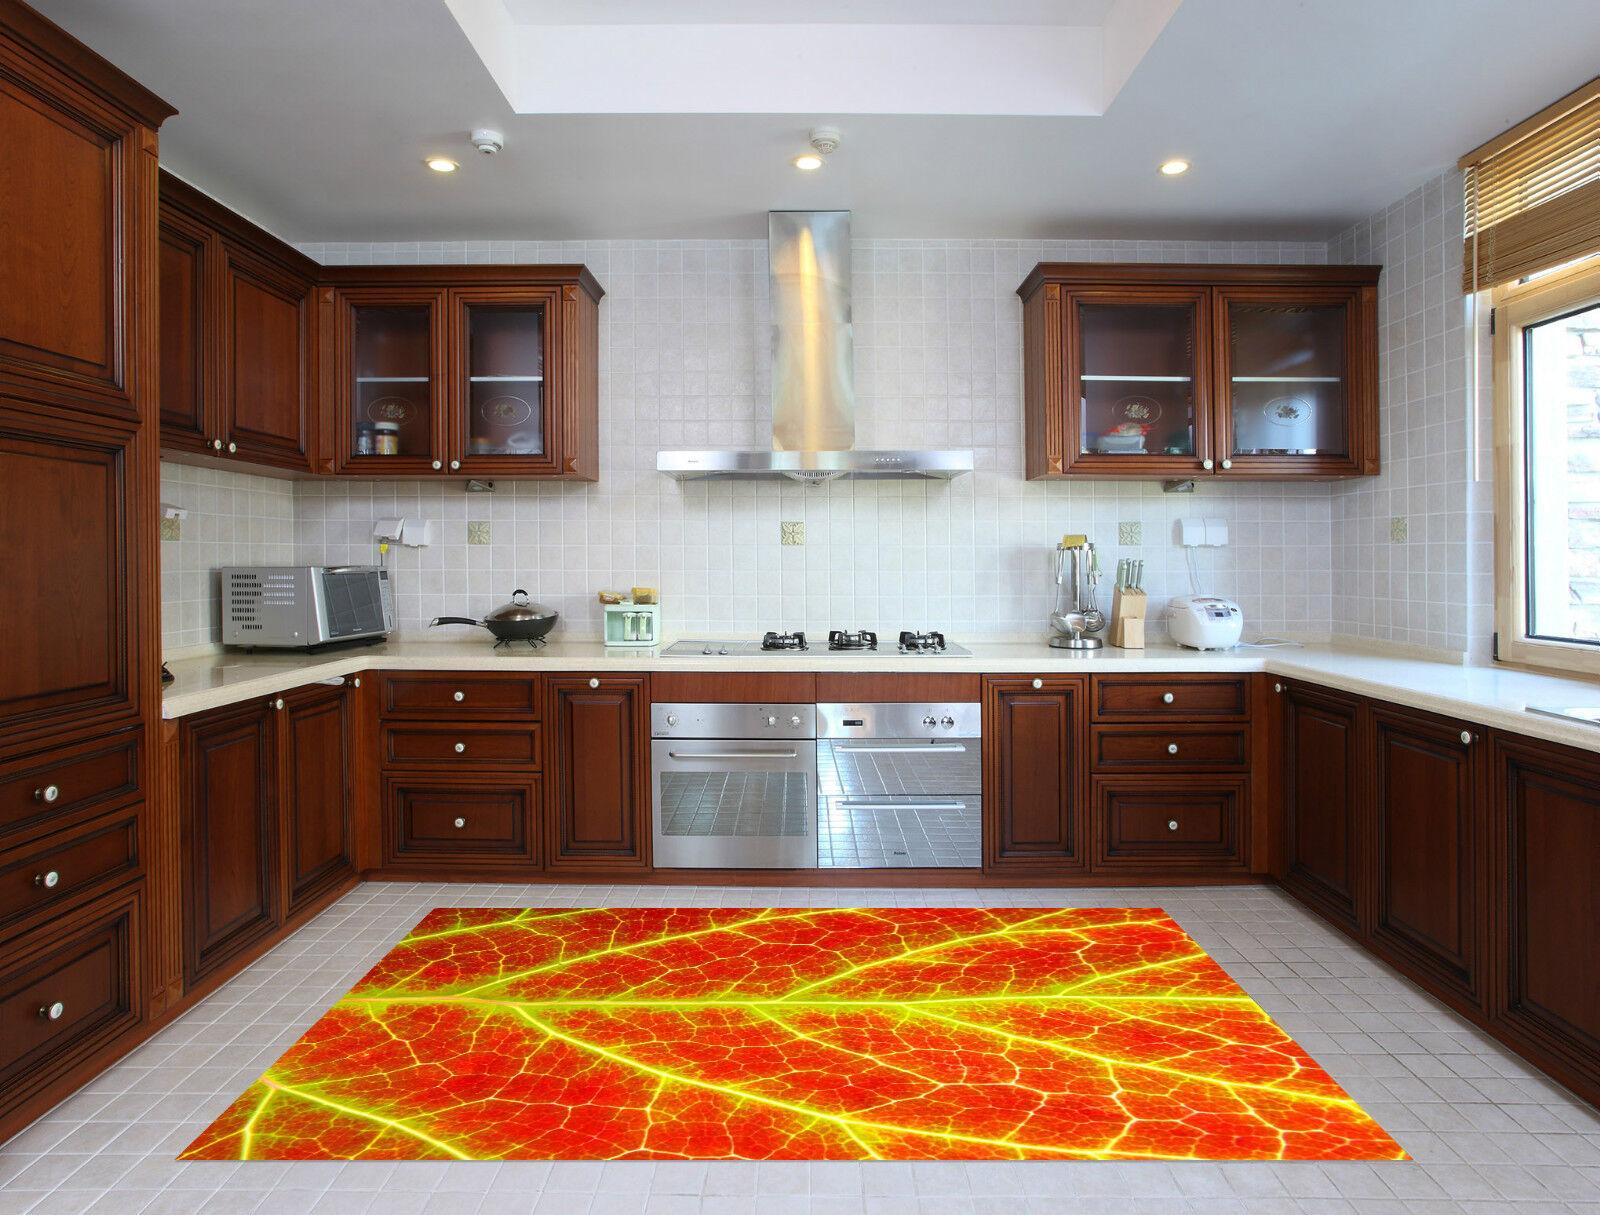 3D Bright Leaf 80 Kitchen Mat Floor Murals Wall Print Wall Deco AJ WALLPAPER CA